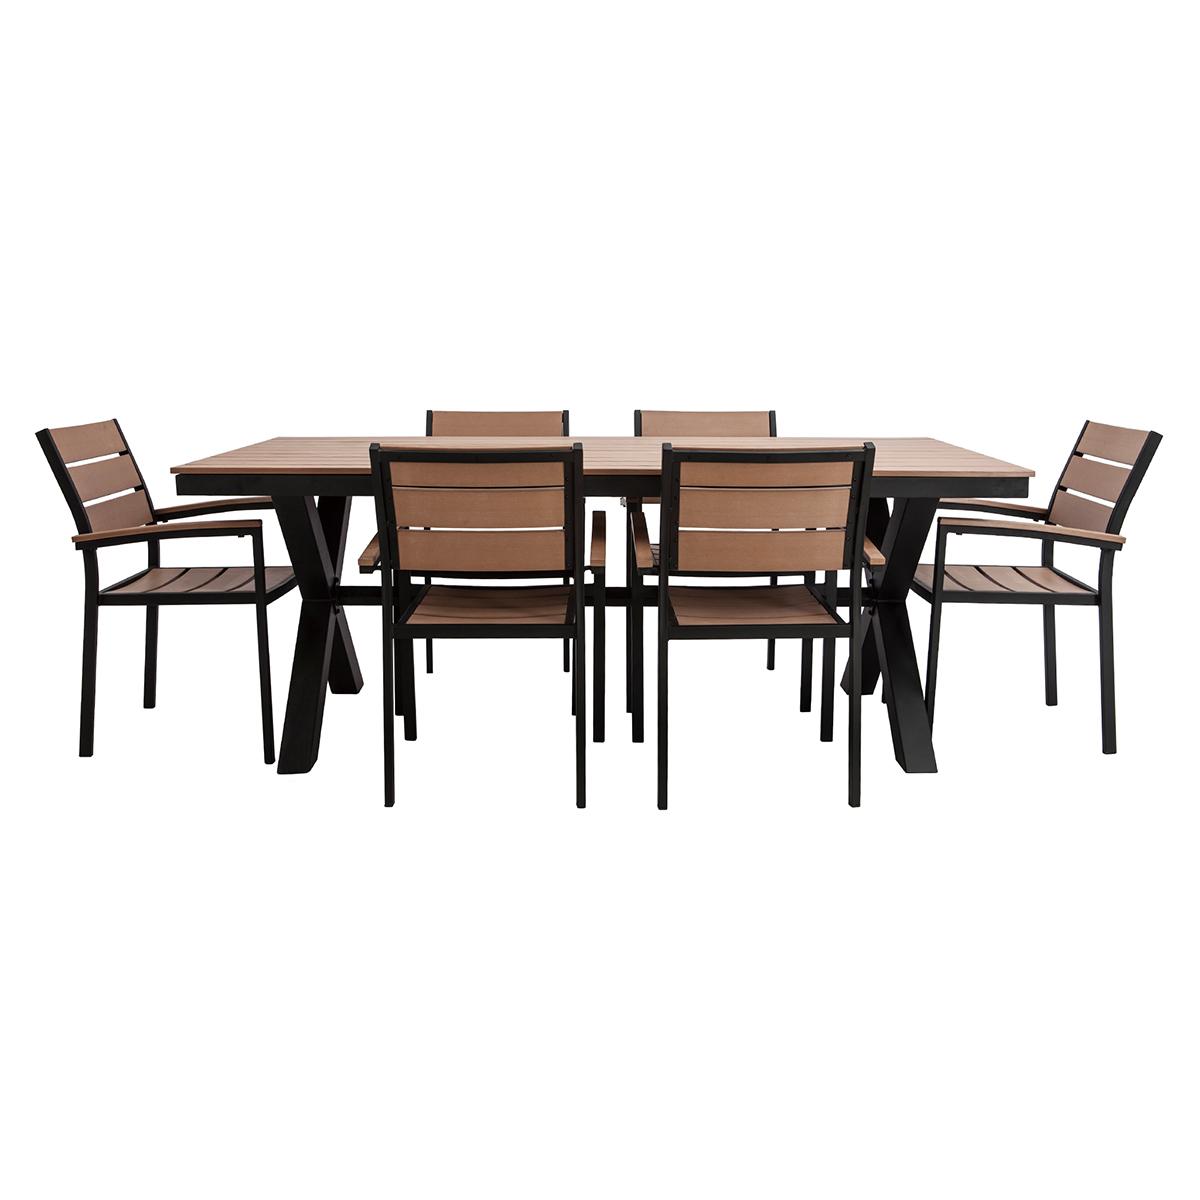 Salotto da giardino con tavolo e 6 sedie in metallo nero e legno VIAGGIO